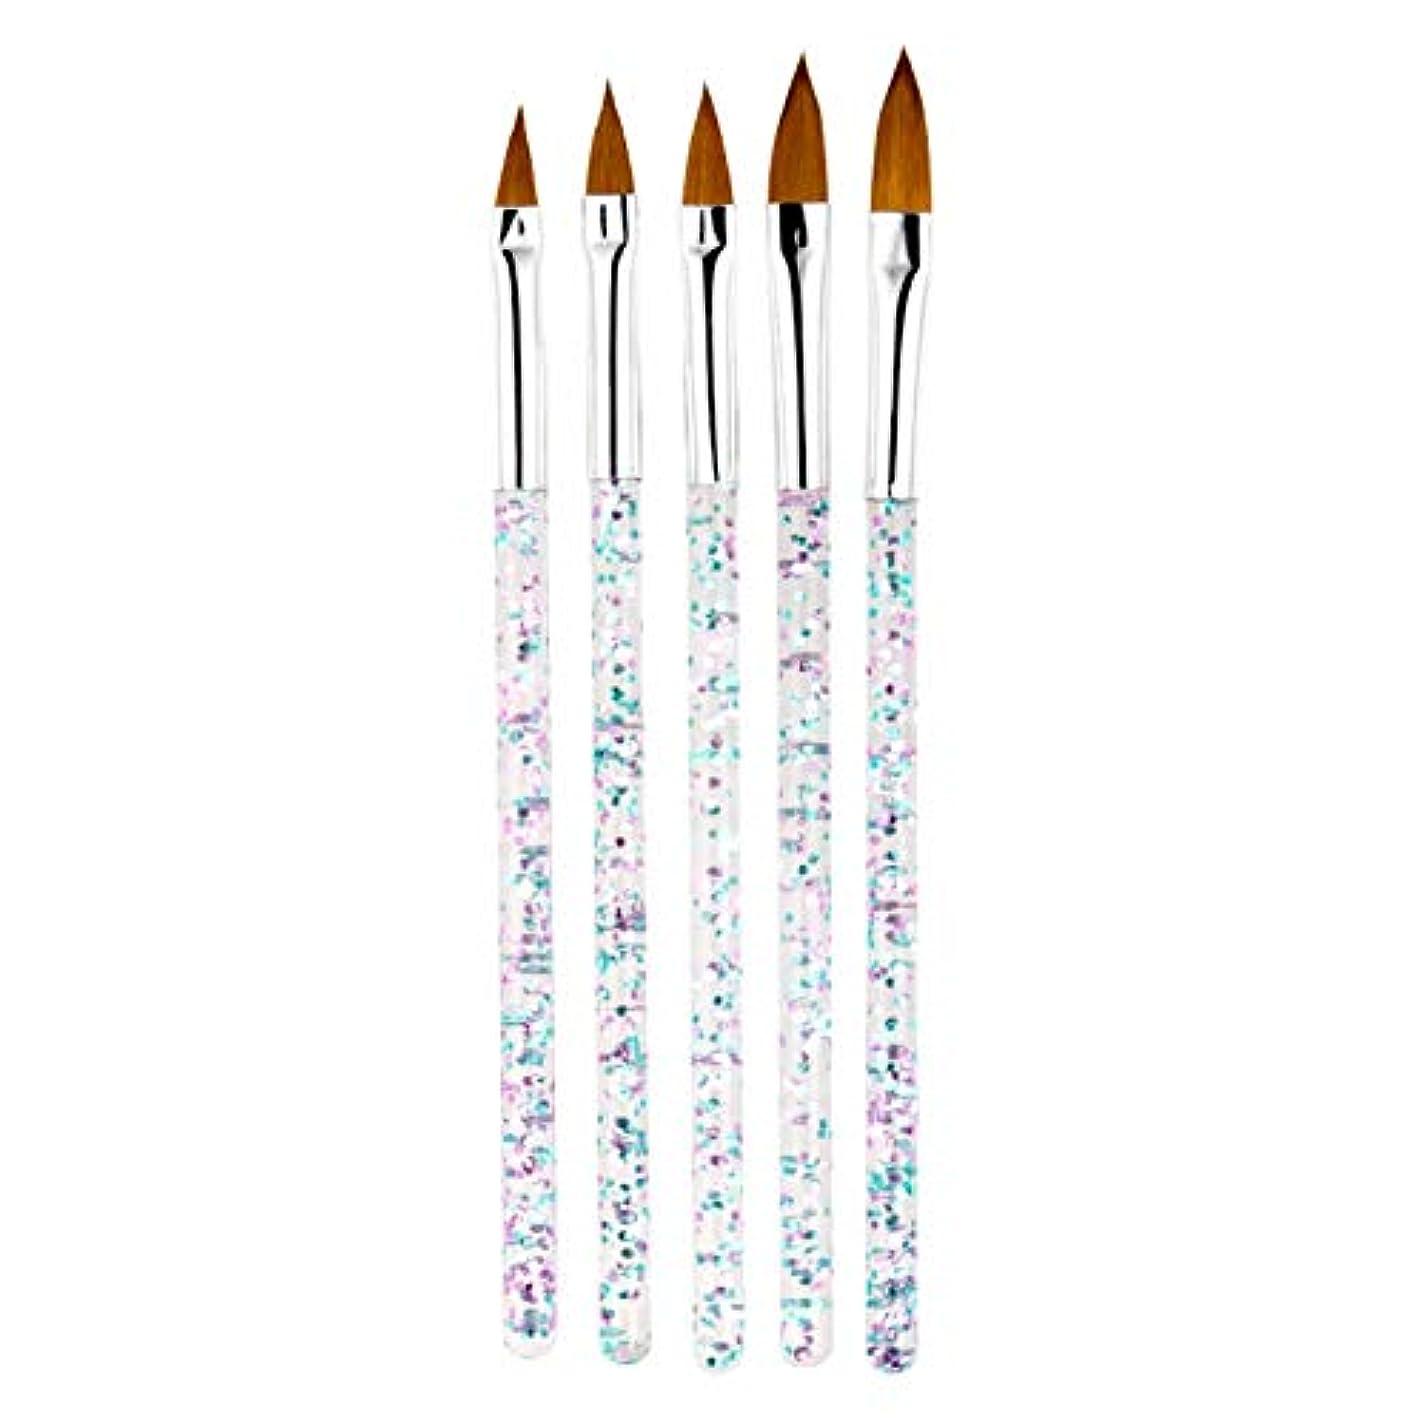 下品冷凍庫列車MCCRUA ネイルブラシ 5本セット スカルプネイルブラシ 可愛い アクリルネイル UV ジェルネイル ネイルアート筆